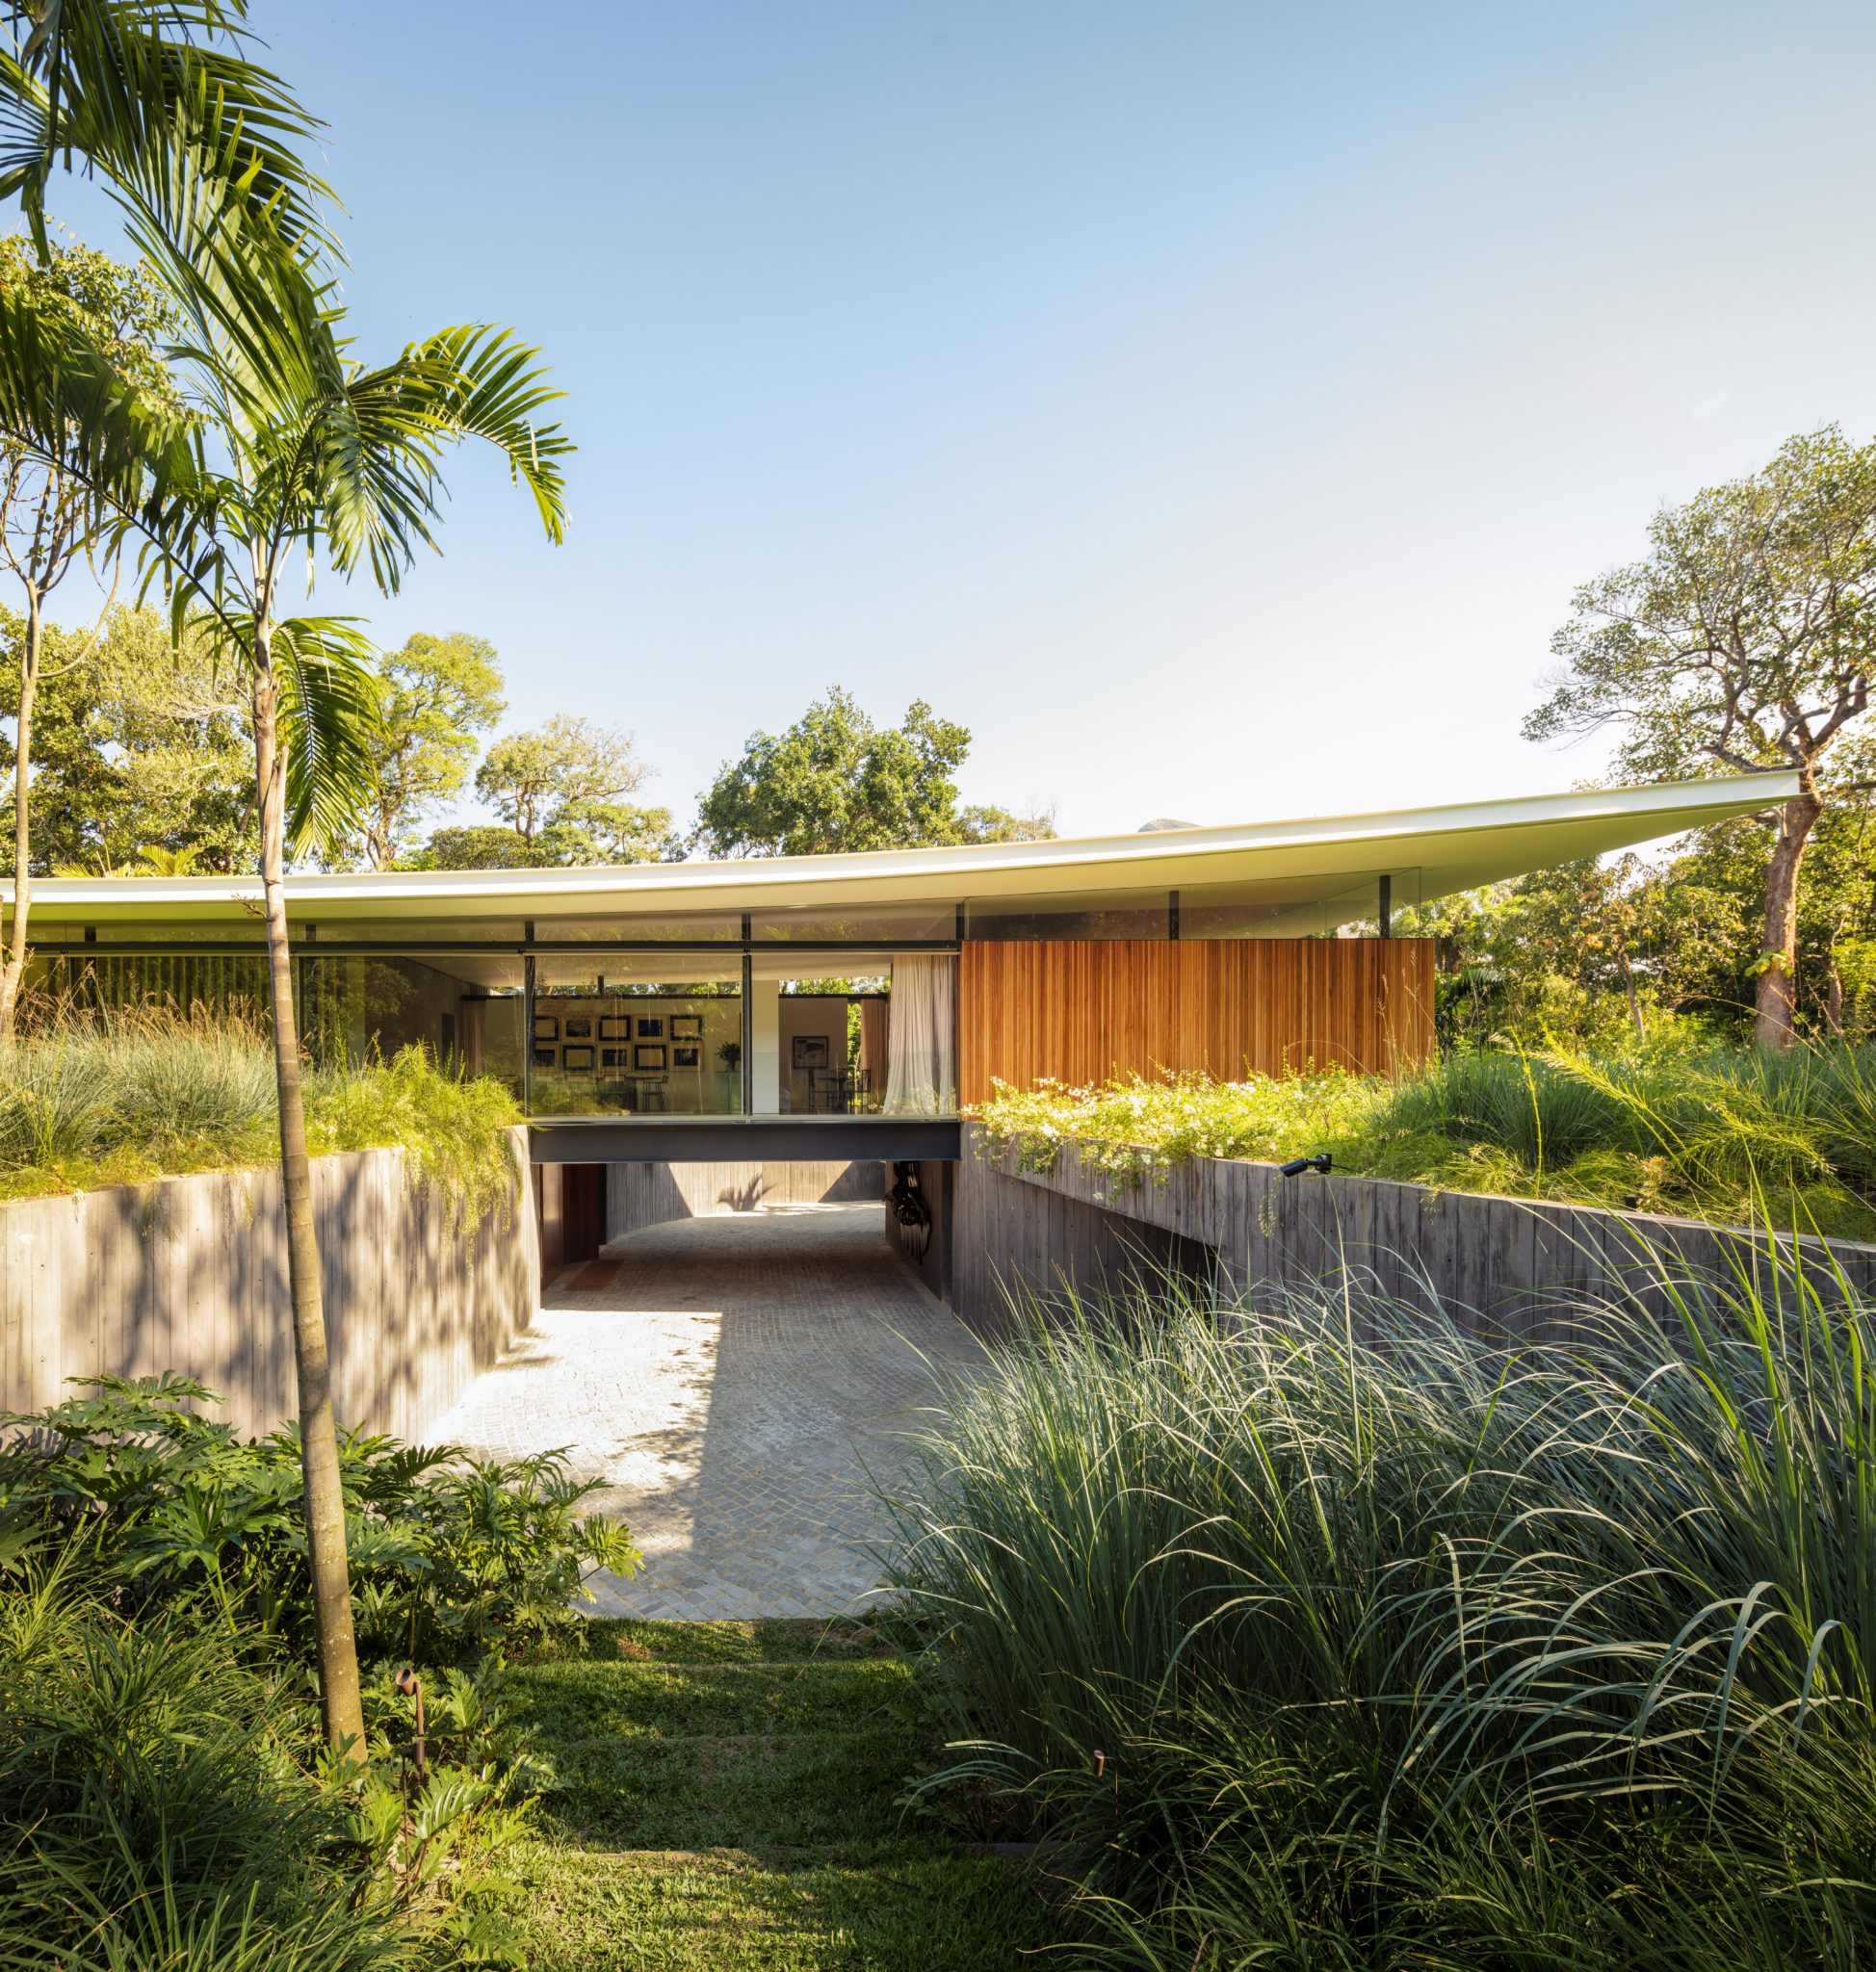 Busca la armonía entre el paisaje y la arquitectura